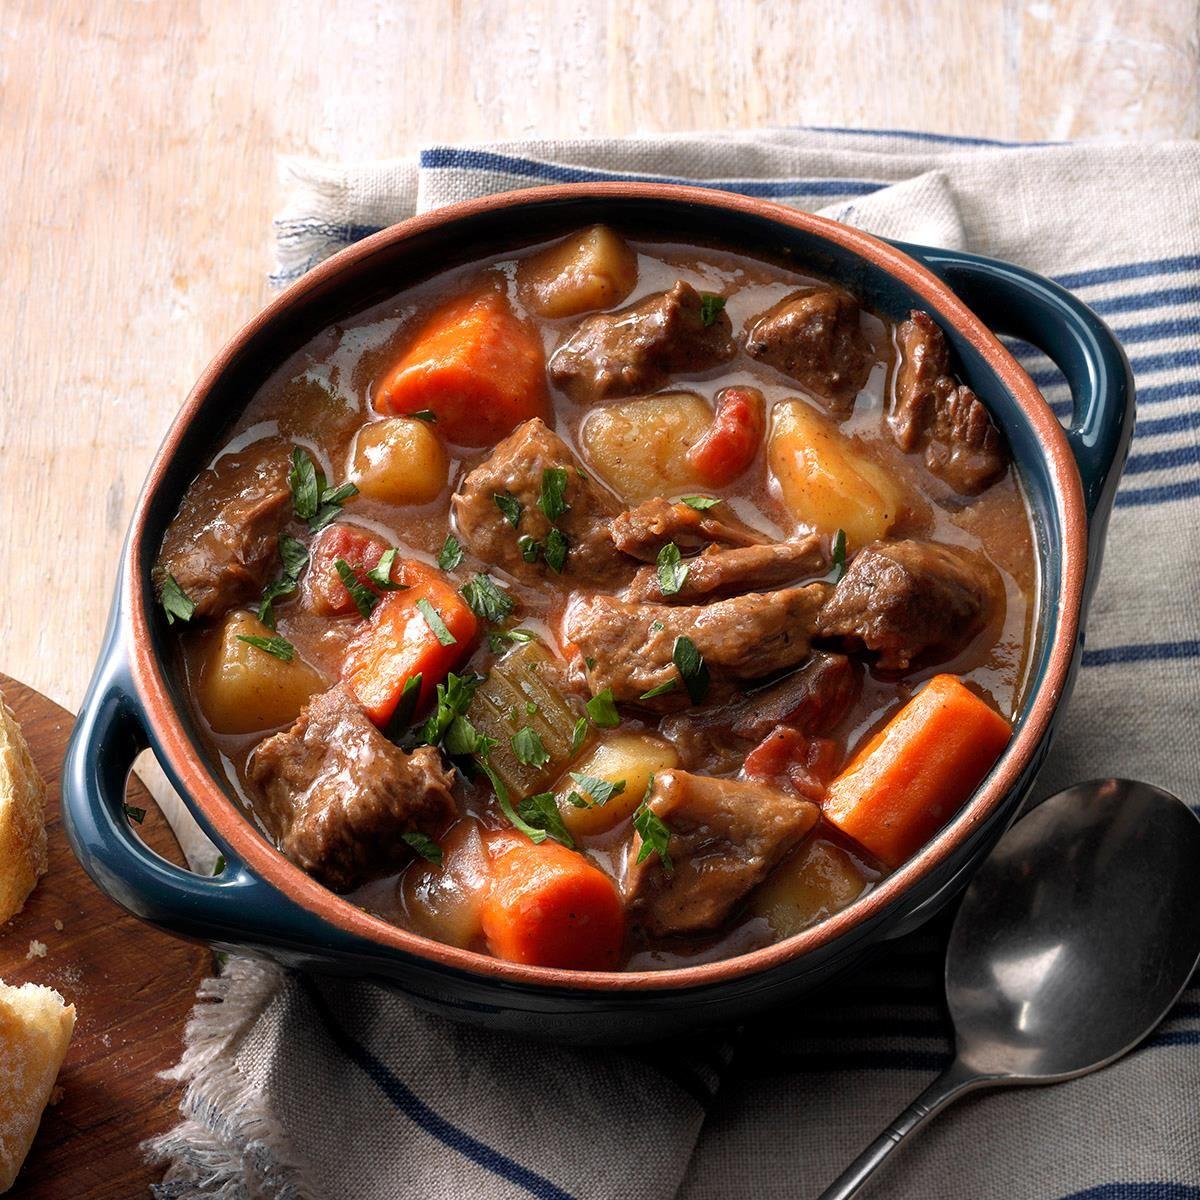 Slow Cooker Beef Stew Recipe Slow Cooker Beef Slow Cooker Beef Stew Crockpot Recipes Beef Stew